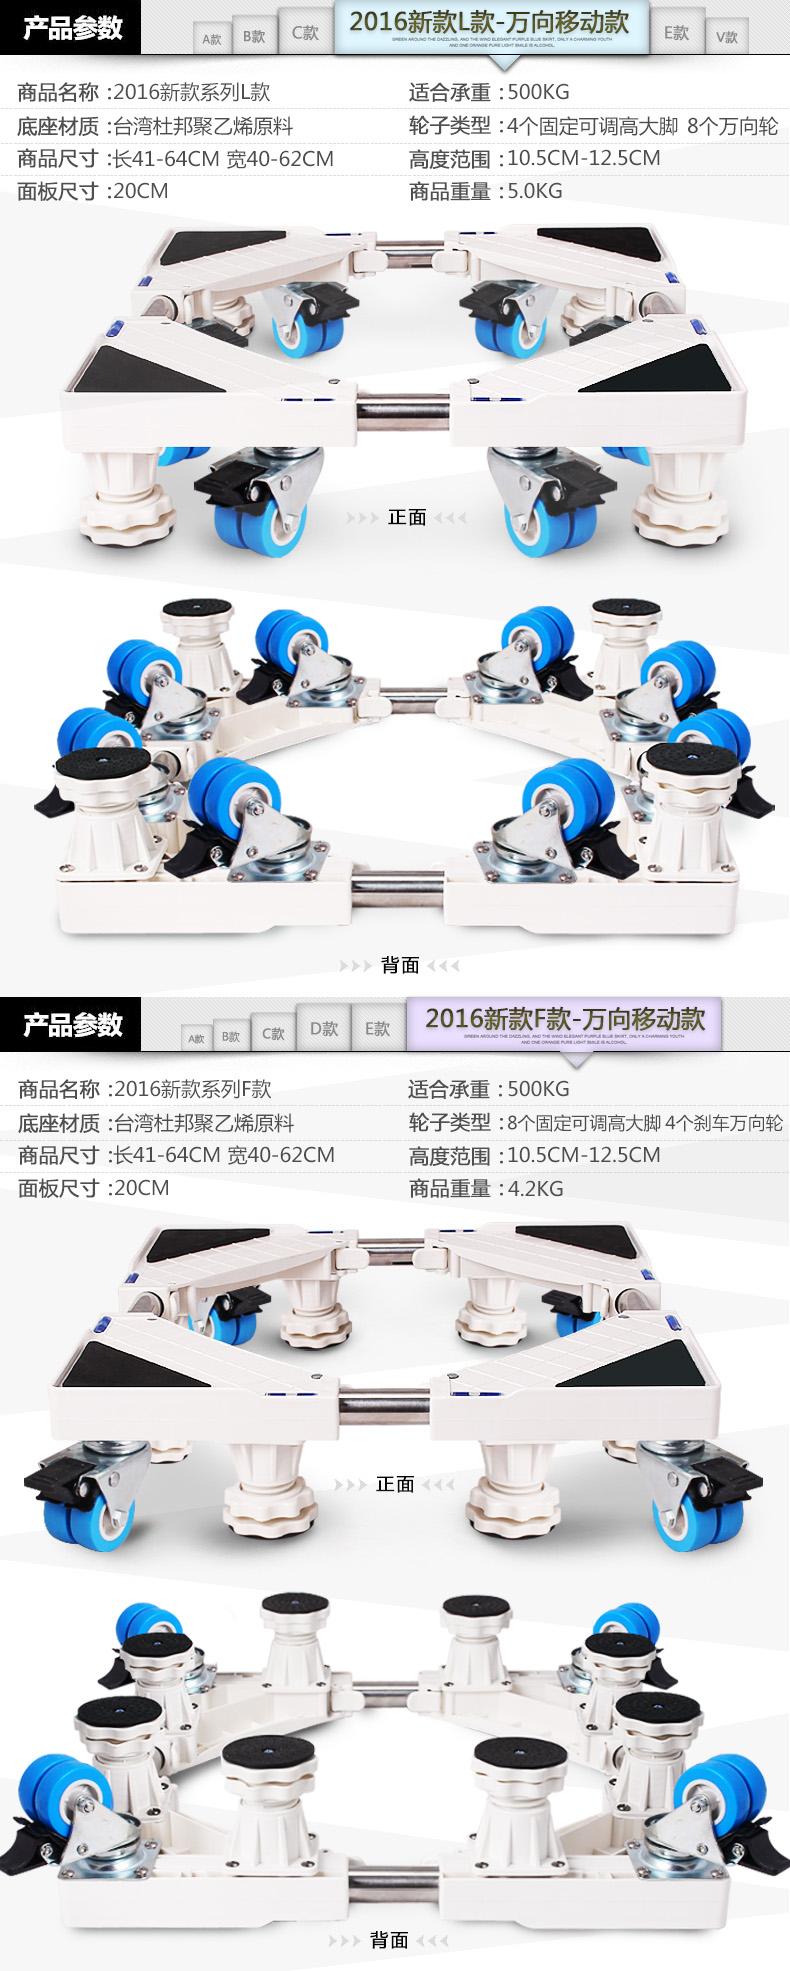 洗衣機底座架冰箱移動輪托架(升級D款)QY-55892-Super store貨到付款